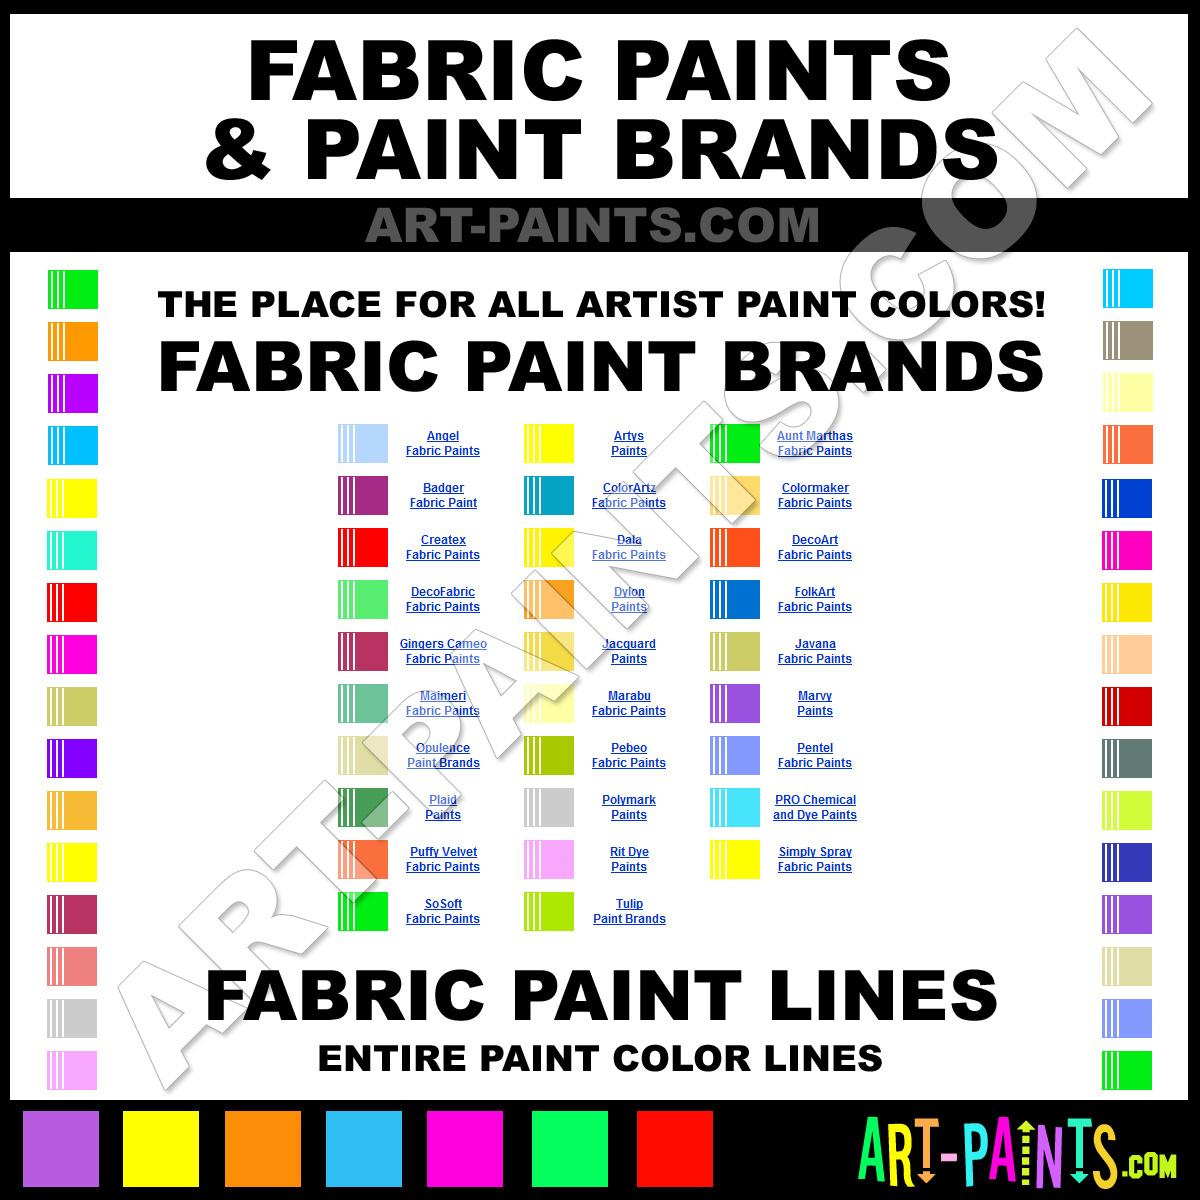 Fabric textile art paints fabric textile paint fabric textile fabric textile art paints fabric textile paint fabric textile color fabric textile brands art paints nvjuhfo Gallery